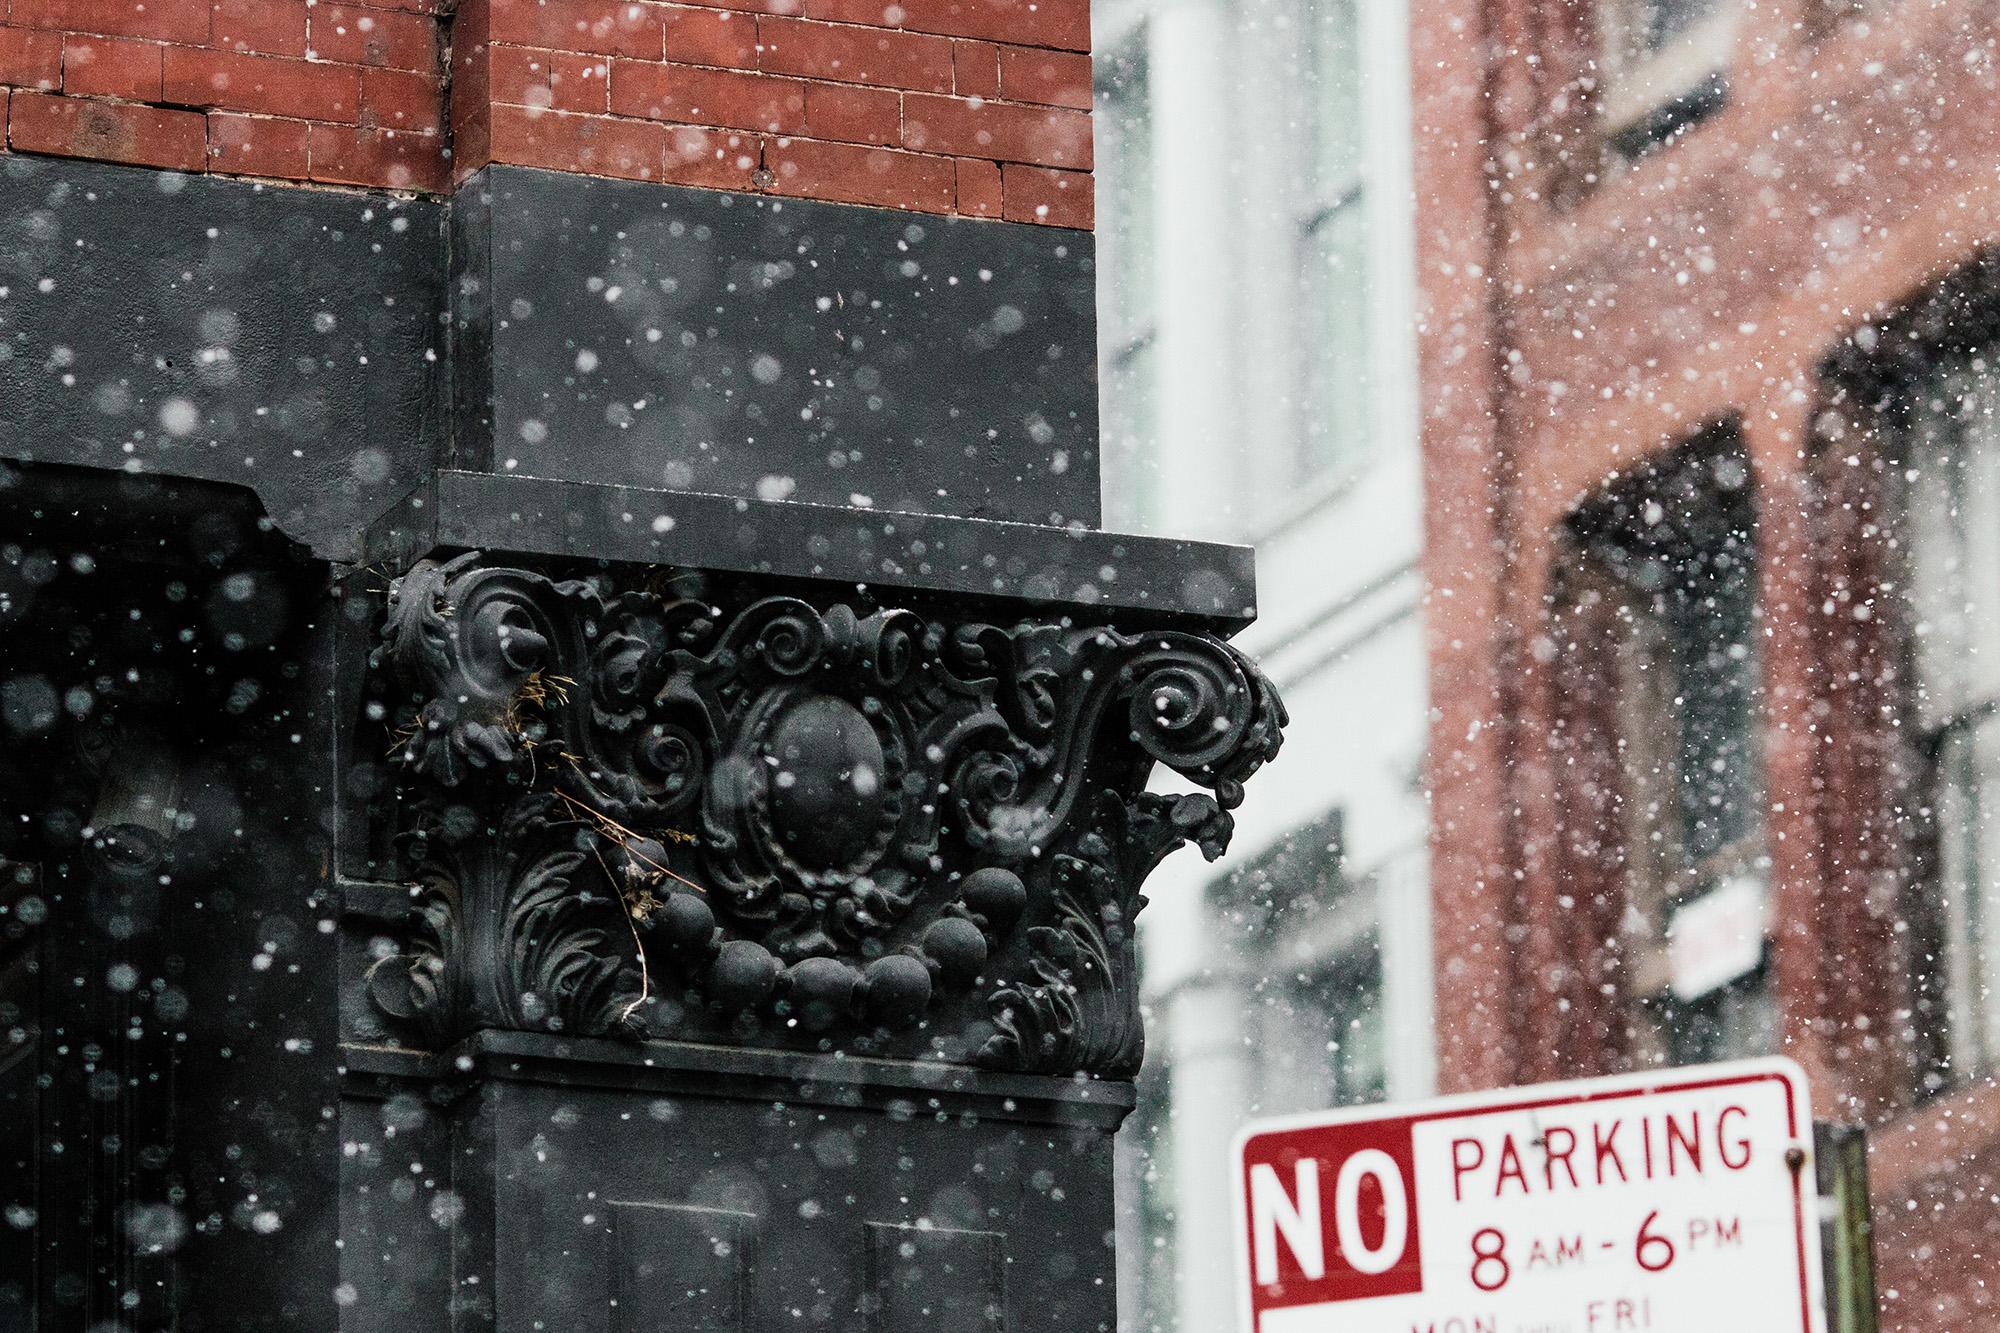 Last snow day in SoHo